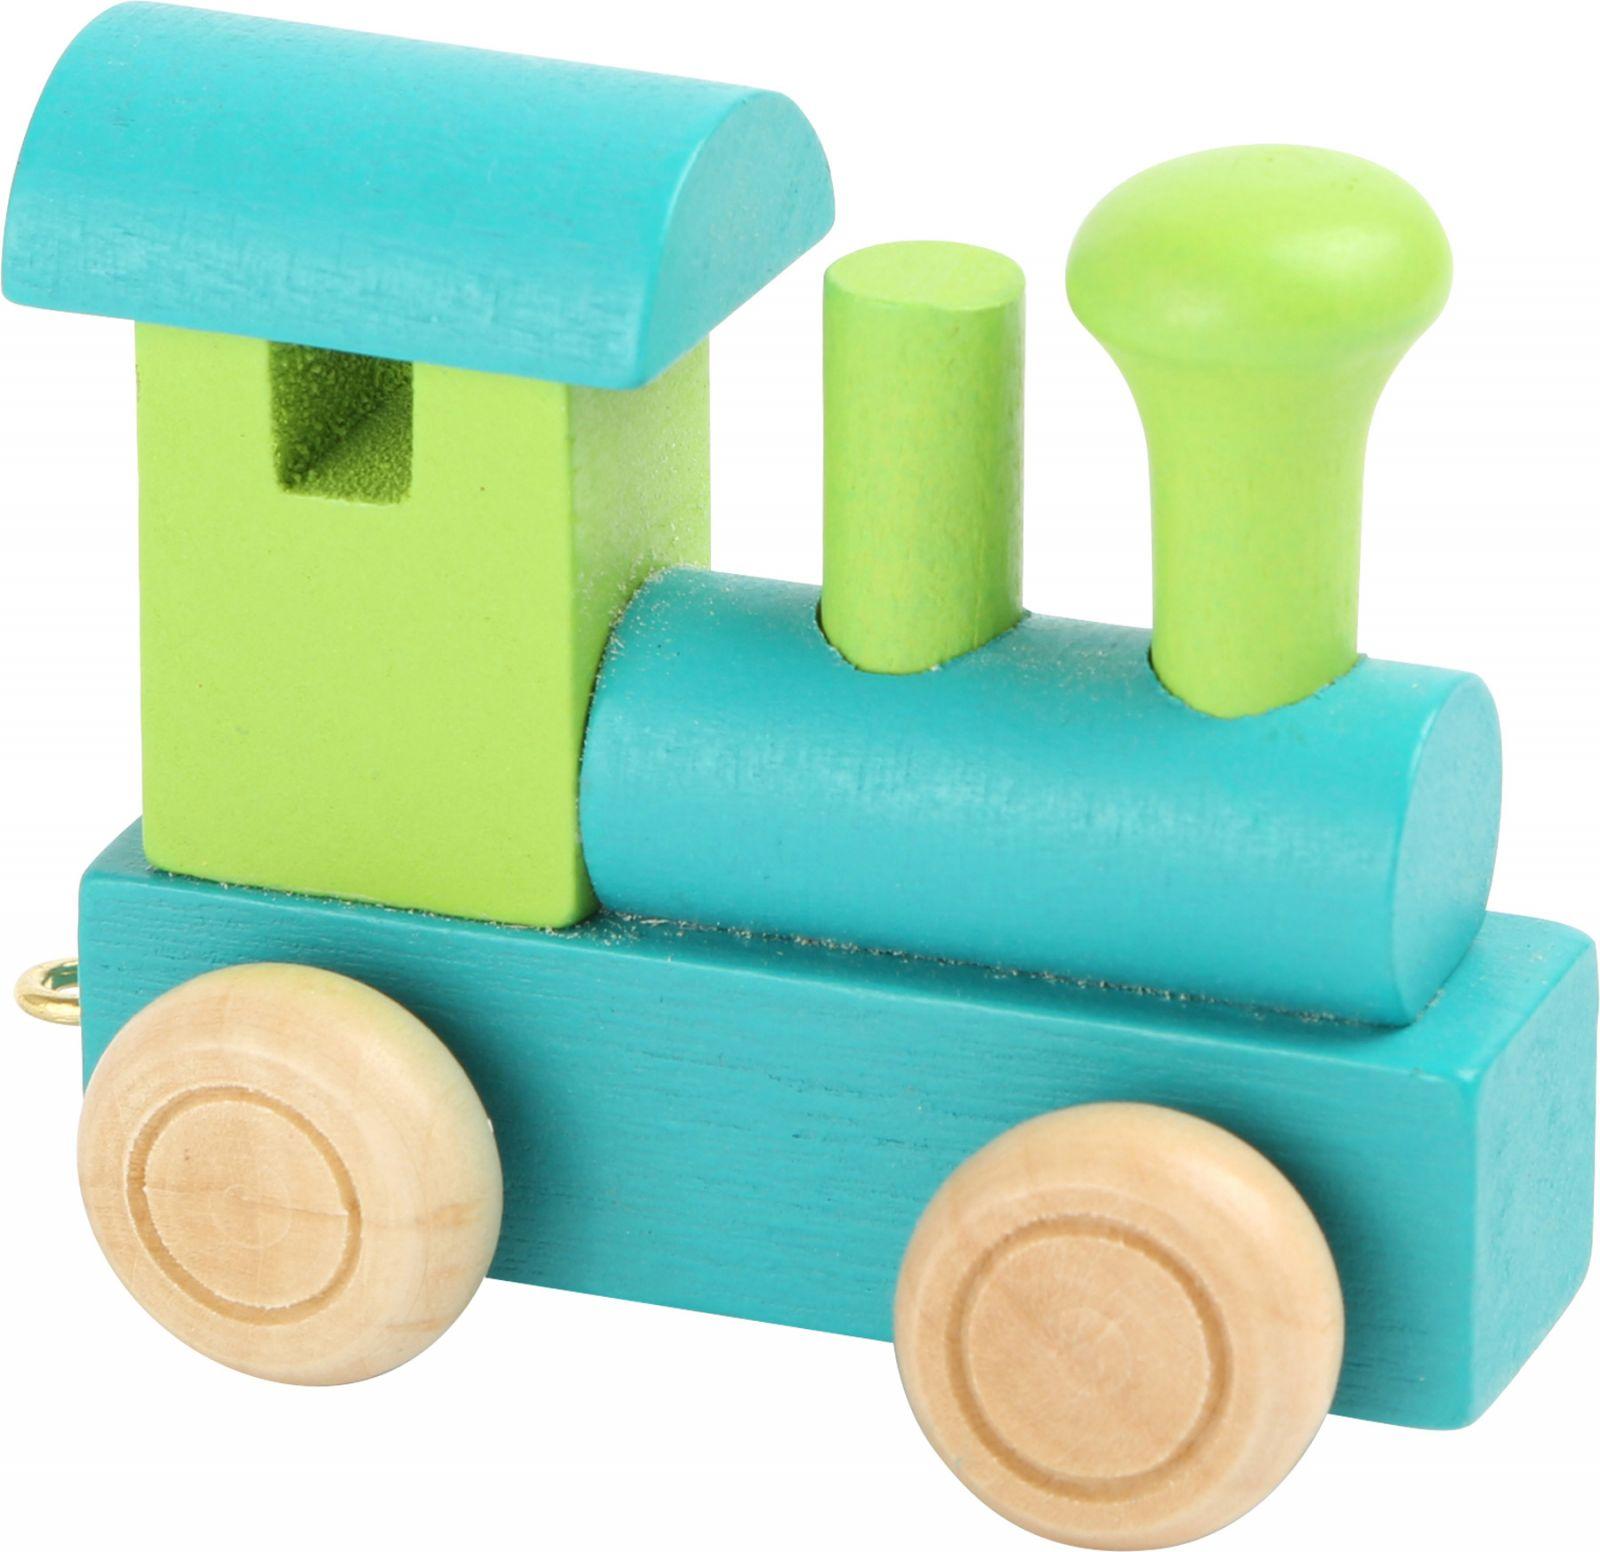 Dřevěné hračky Vláčkodráha - Vláček abeceda - Lokomotiva zelená Small foot by Legler